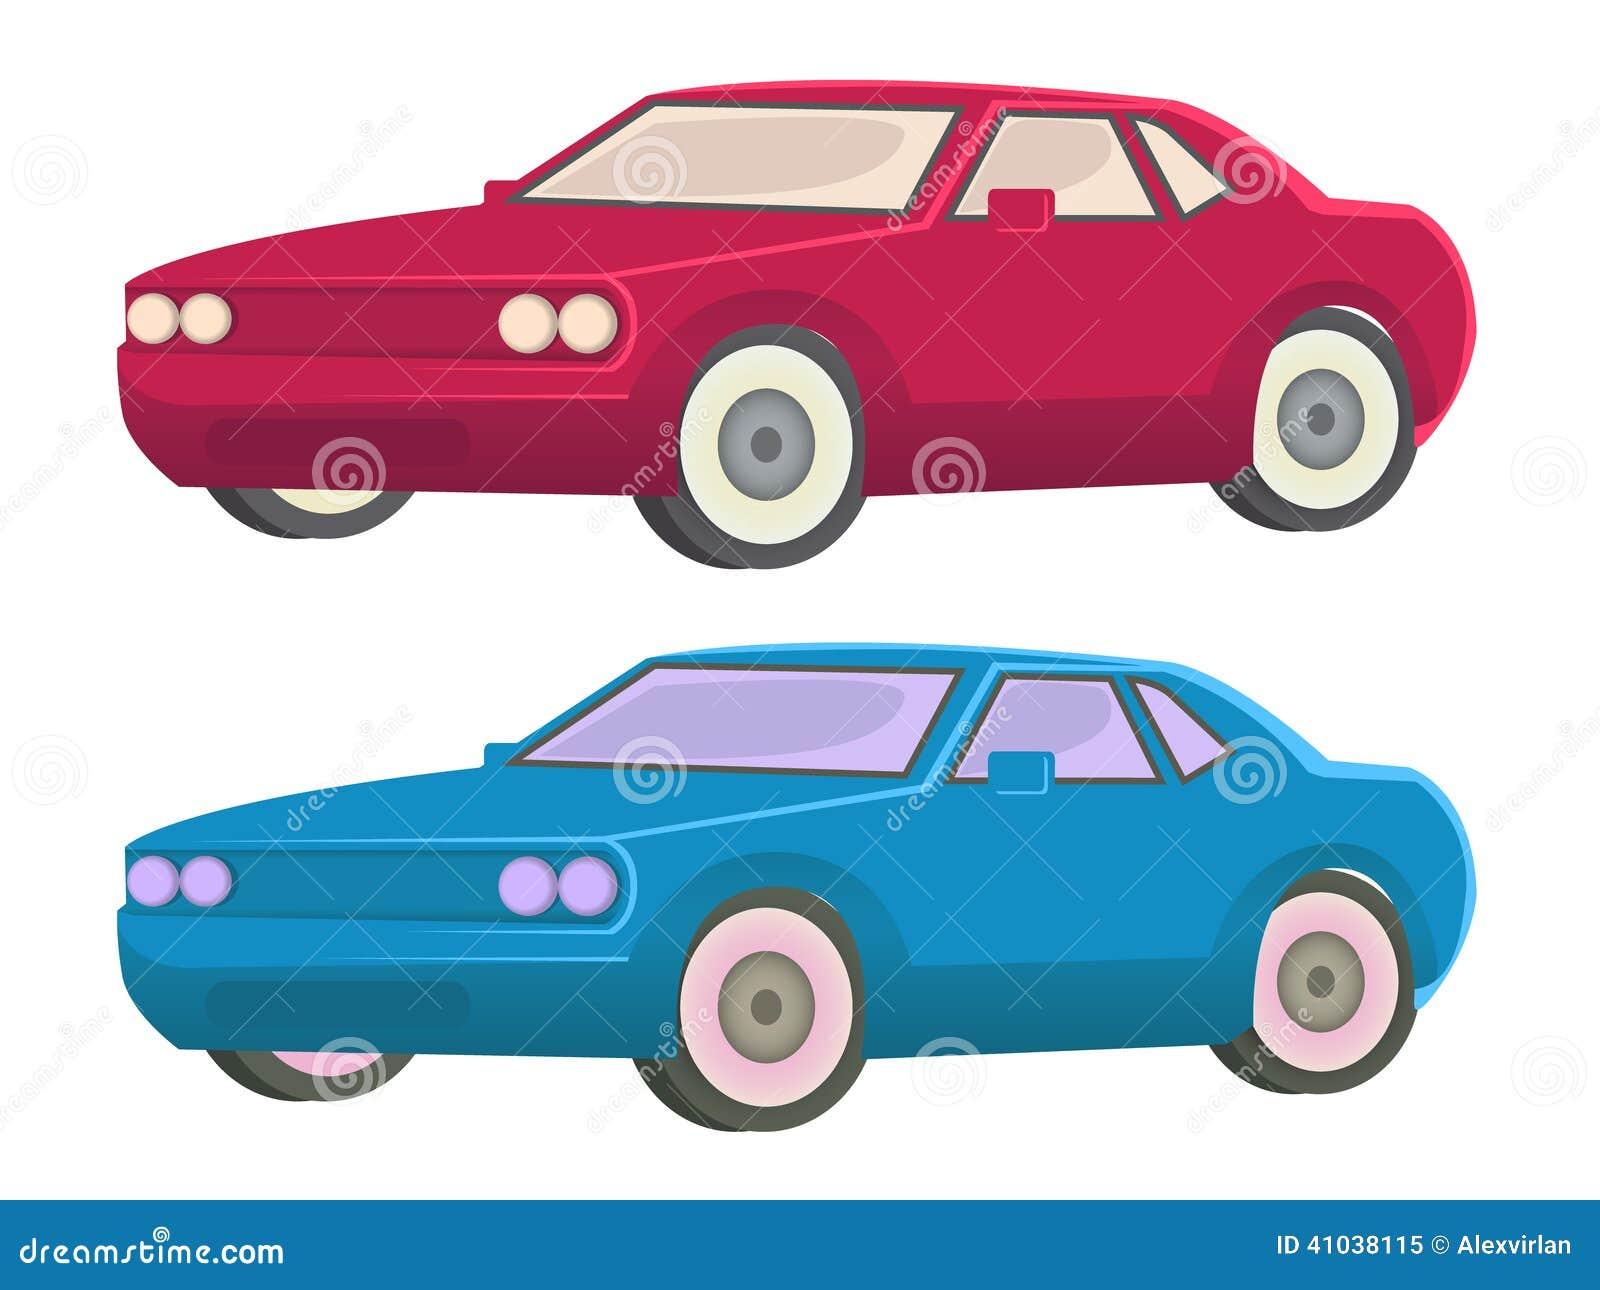 red car and blue car illustration stock vector image 41038115. Black Bedroom Furniture Sets. Home Design Ideas